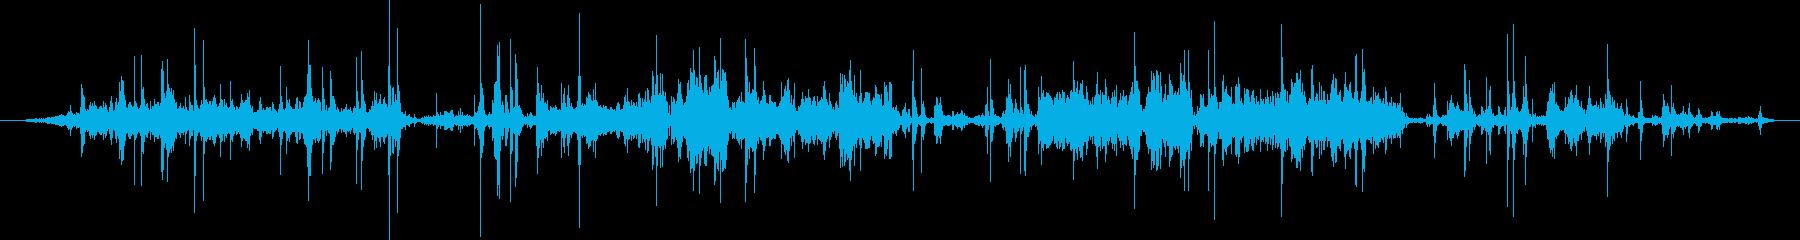 大型砥石ホイール:フット駆動:研ぎ...の再生済みの波形